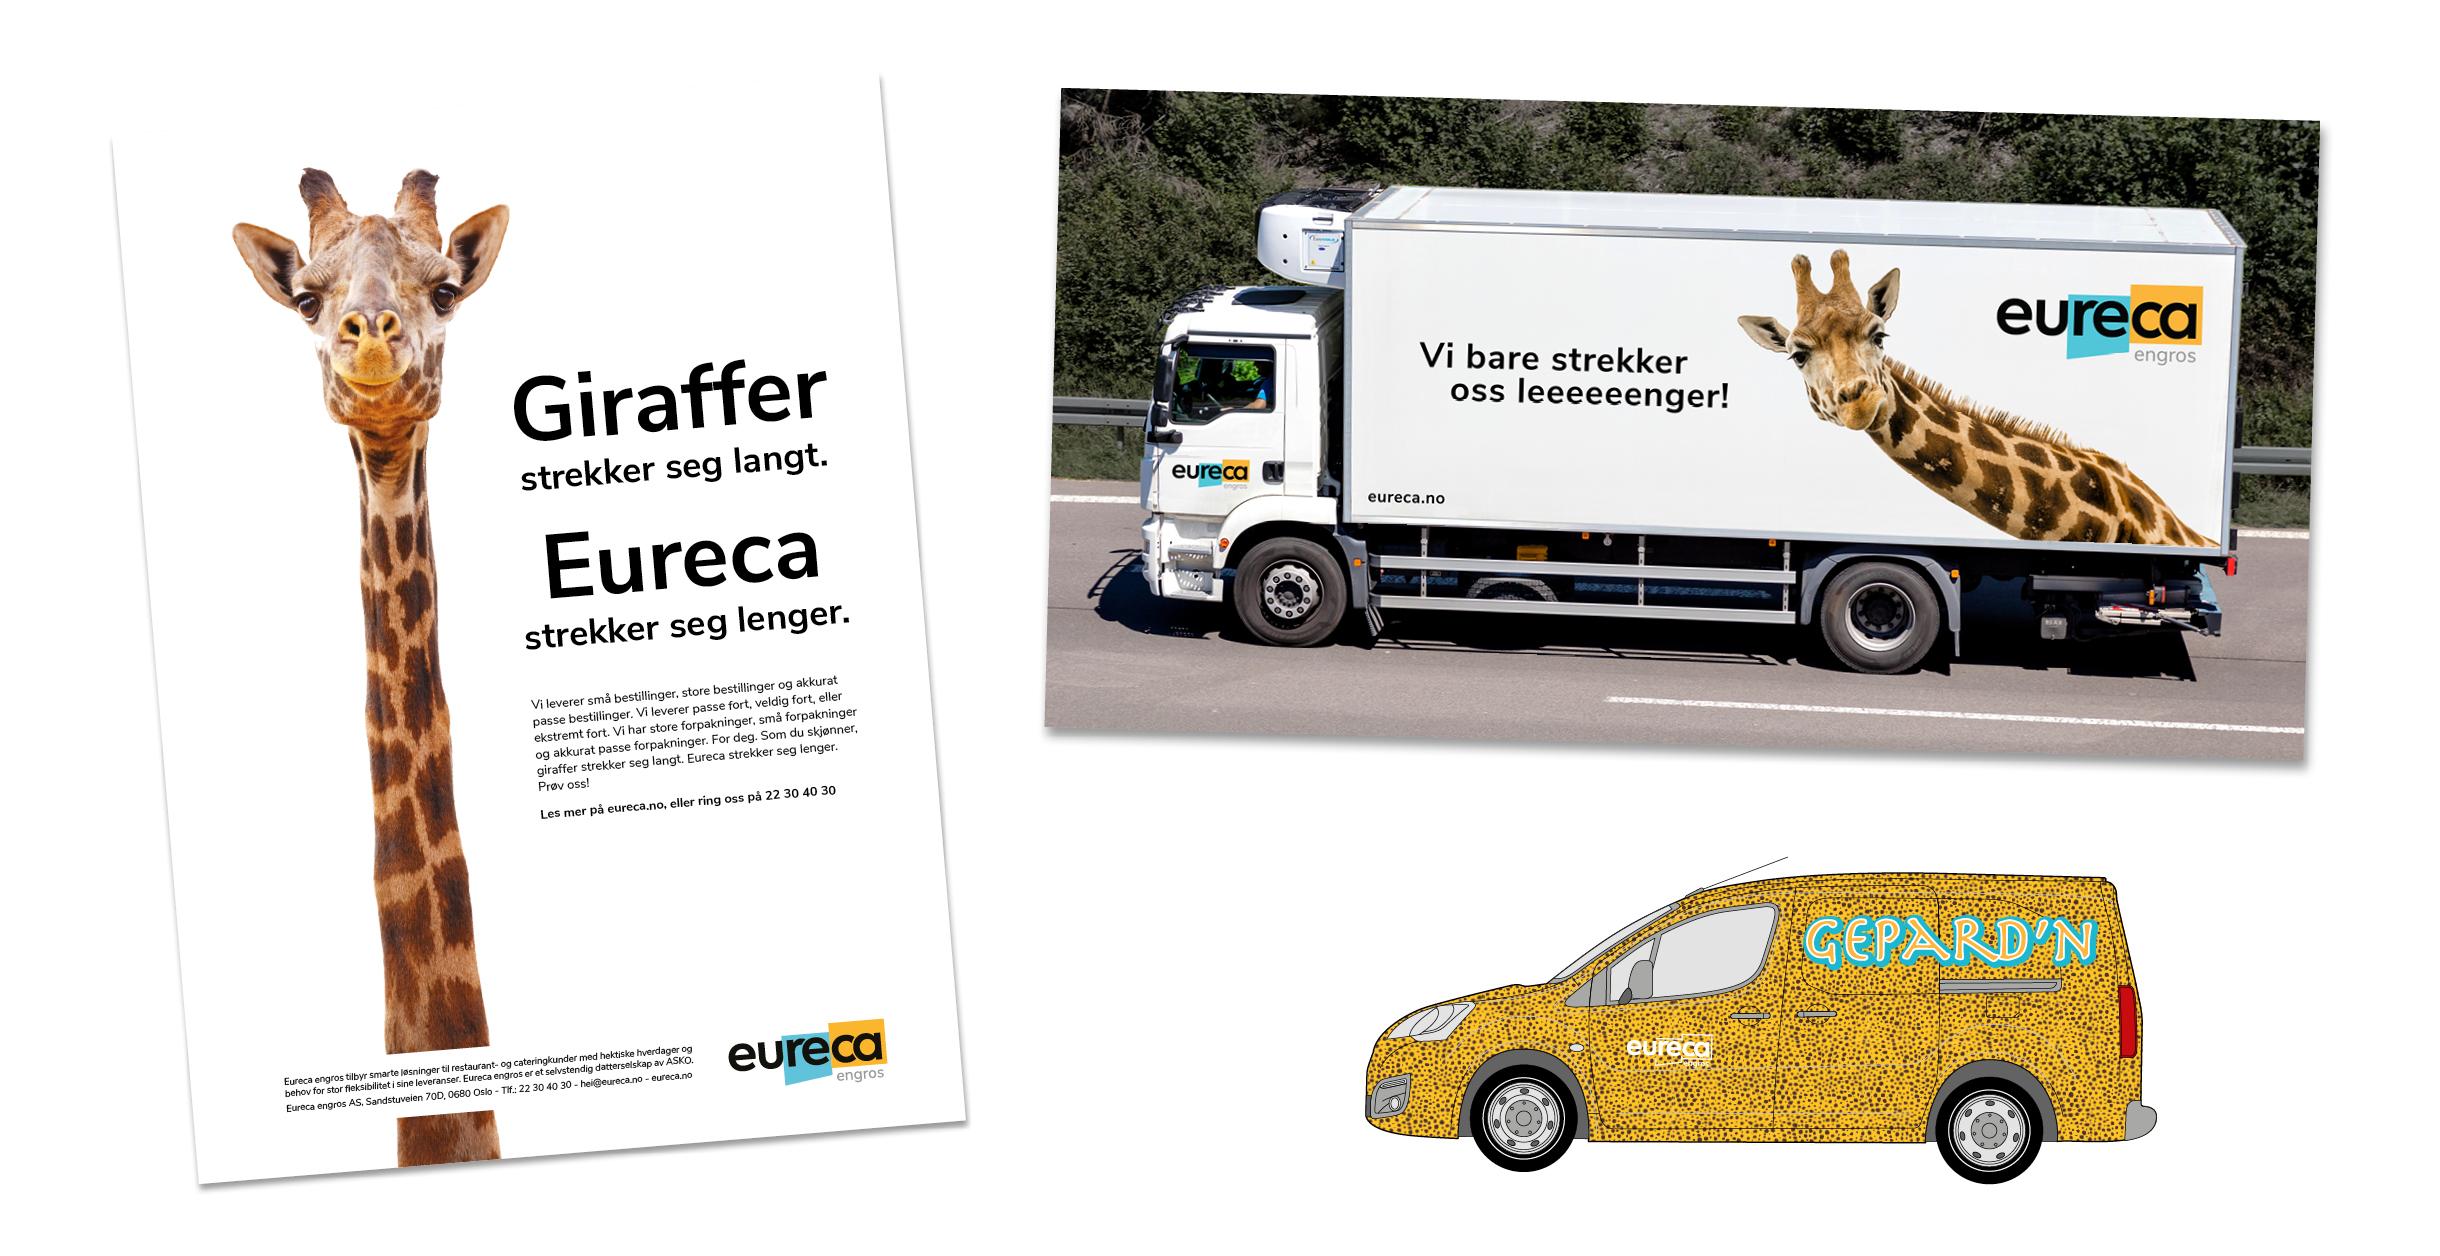 Eureca annonser og bildekor